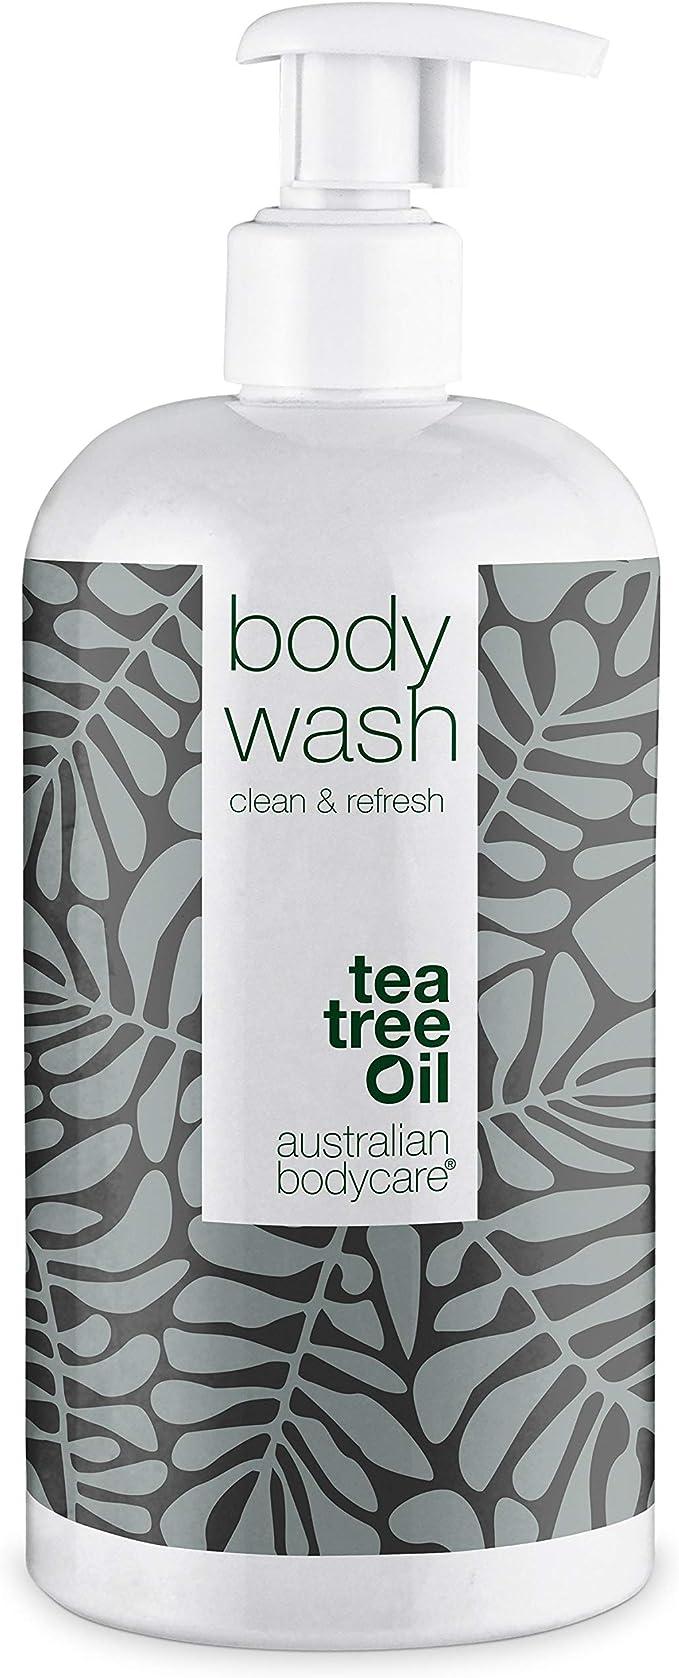 2057 opinioni per Australian Bodycare Body Wash 500 ml | Gel doccia con Tea Tree Oil australiano-